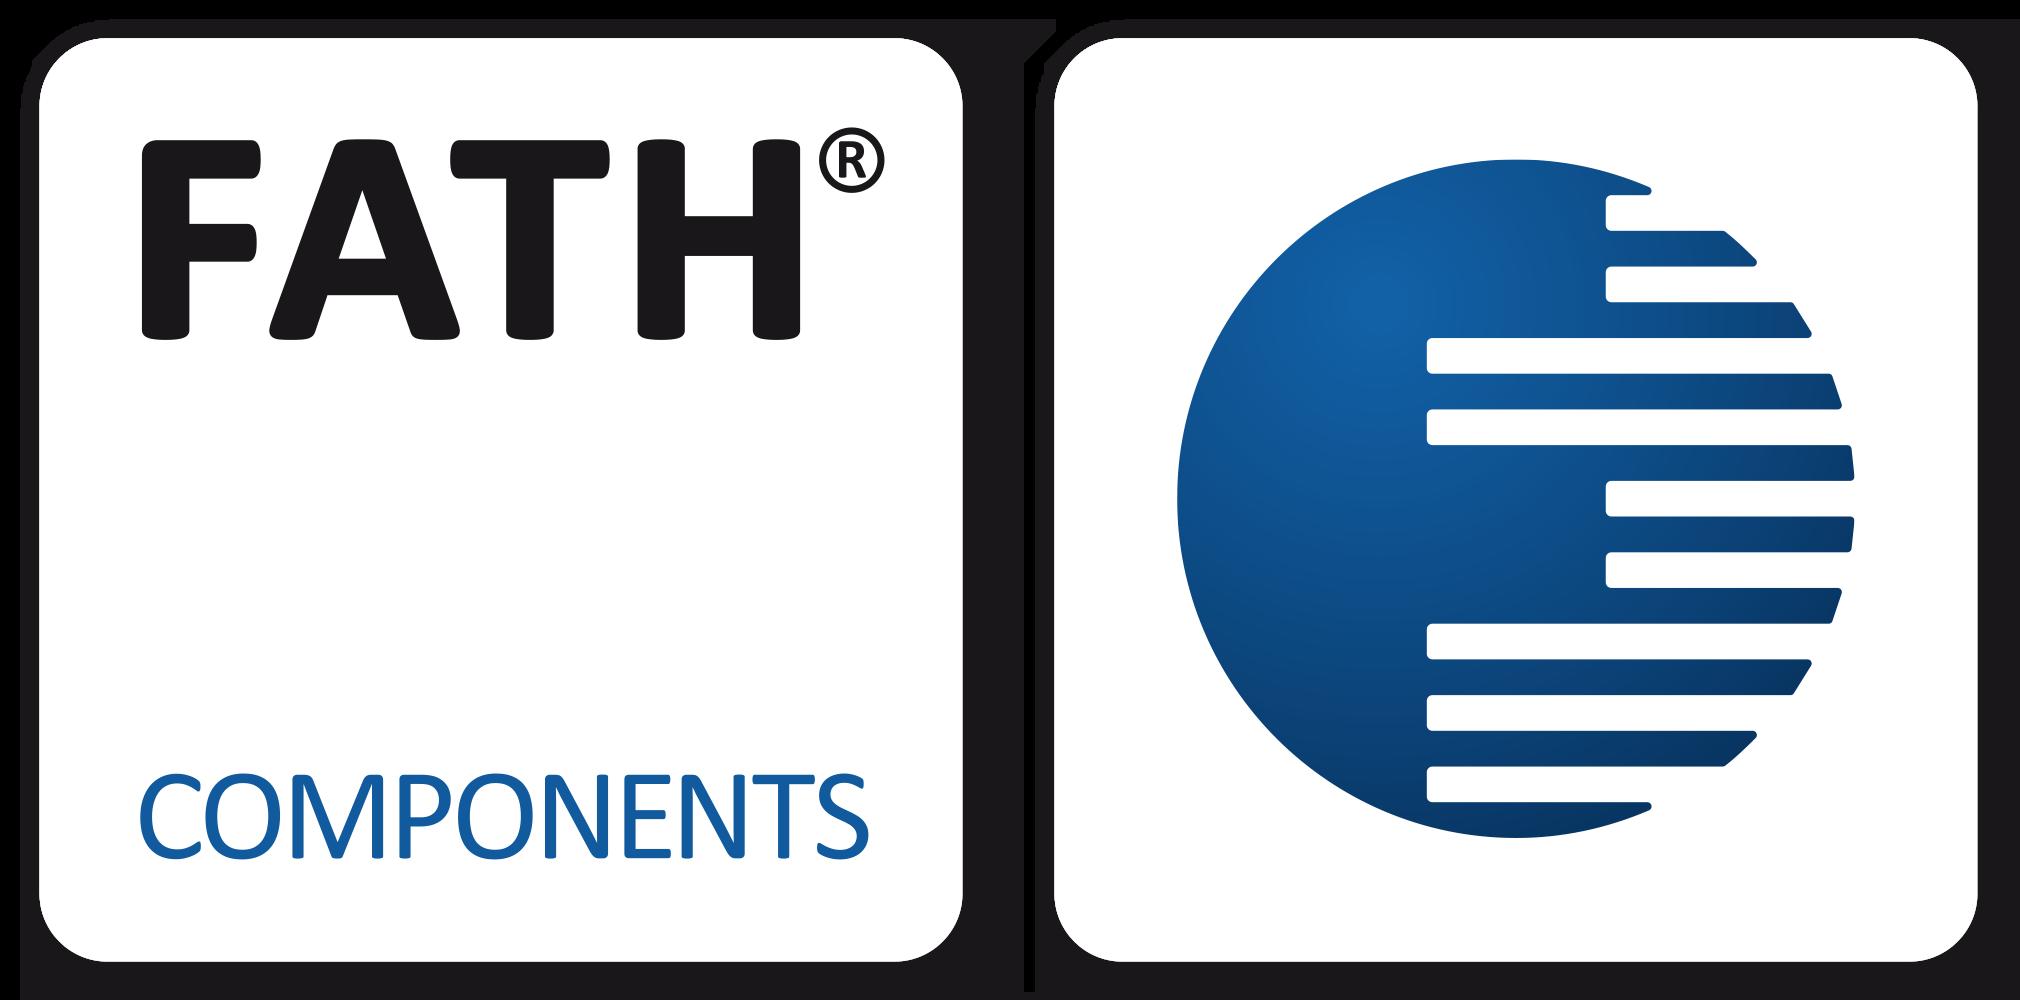 FATH GmbH